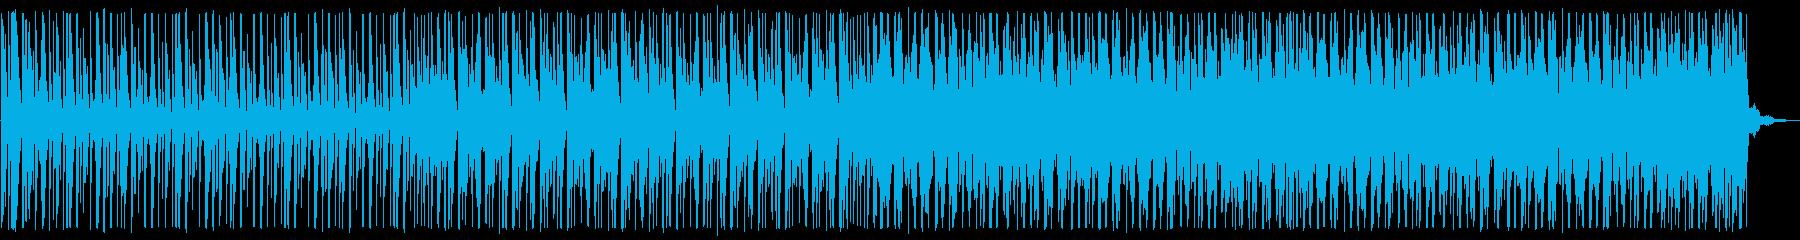 シンプル/ハウス_No671_3の再生済みの波形